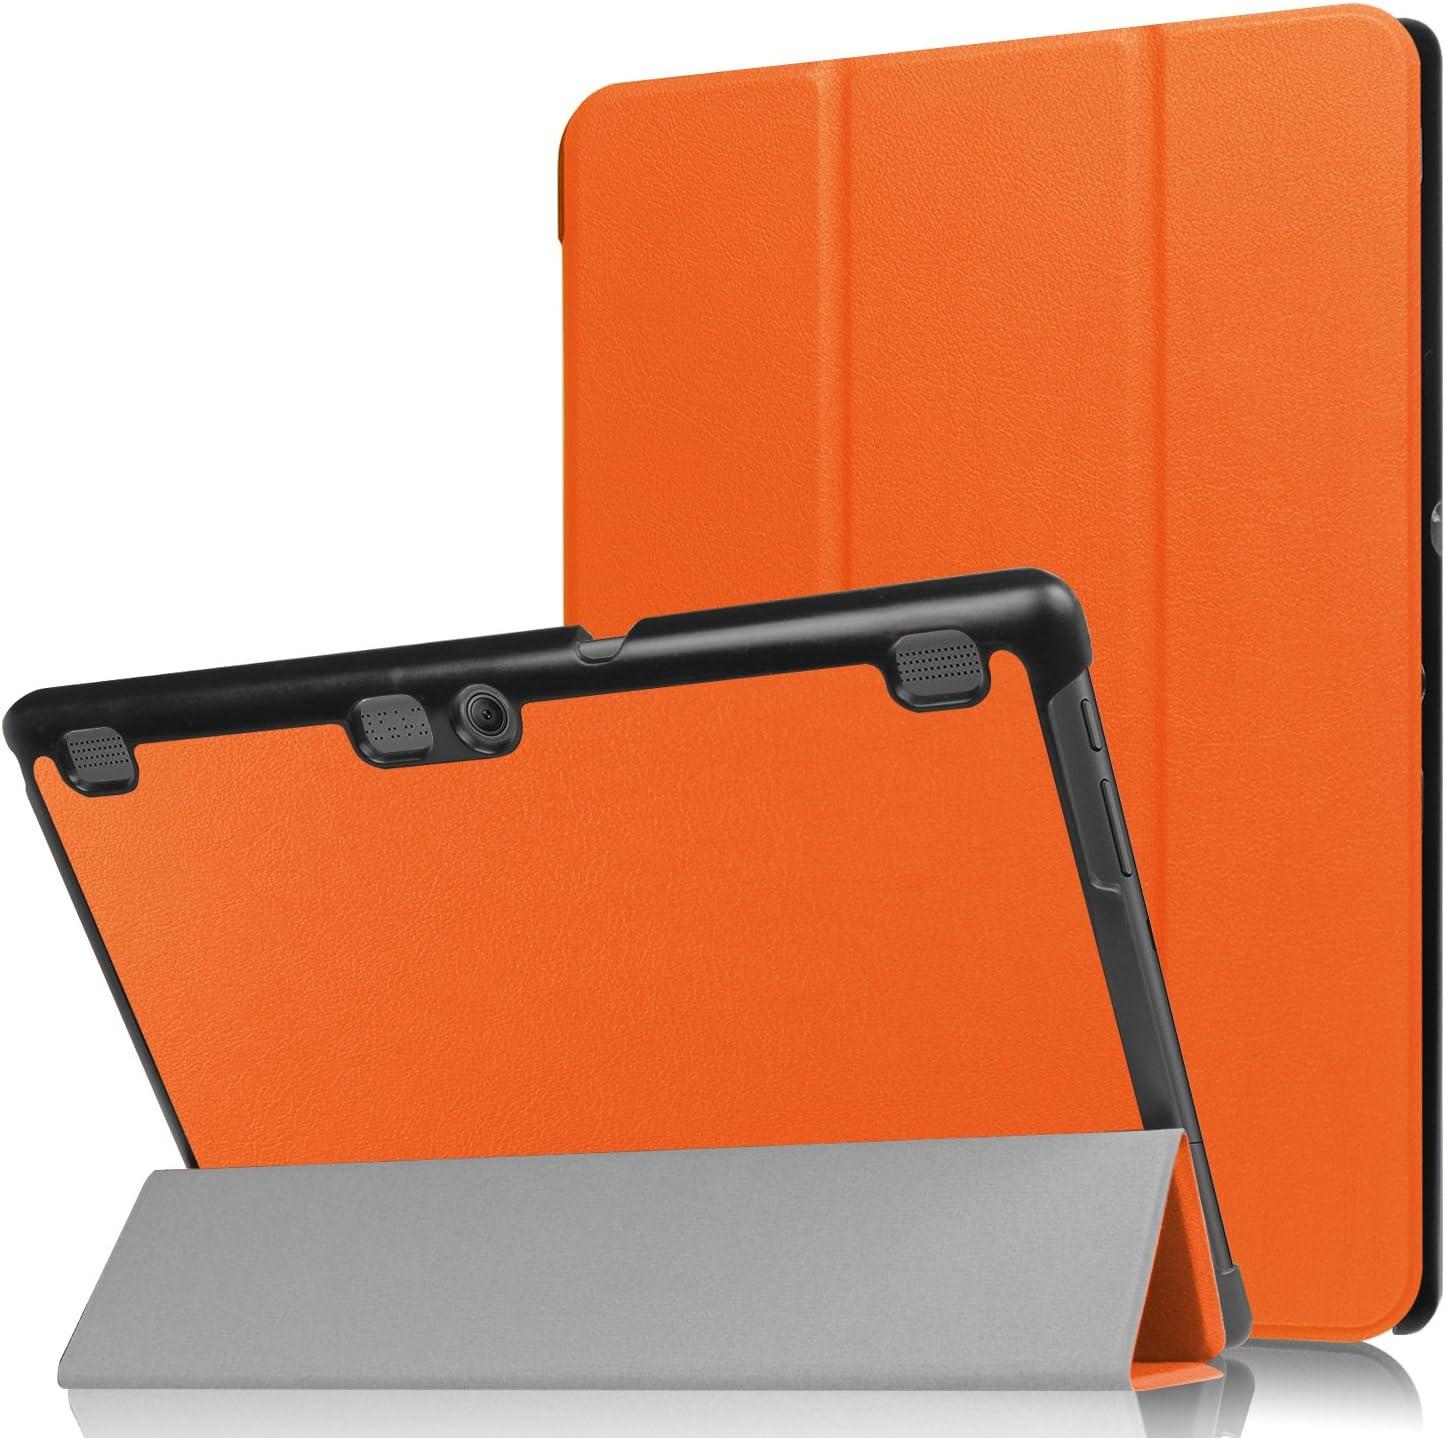 """Asng Lenovo Tab 2 A10/TAB-X103F Tab 10 Case, Ultra Slim Lightweight Tri-Fold Cover for Lenovo Tab 2 A10-70/Tab 2 A10-30/Tab 3 Plus/Tab 3 10 Business TB3-X70/TAB-X103F Tab 10 10.1"""" Tablet (Orange)"""